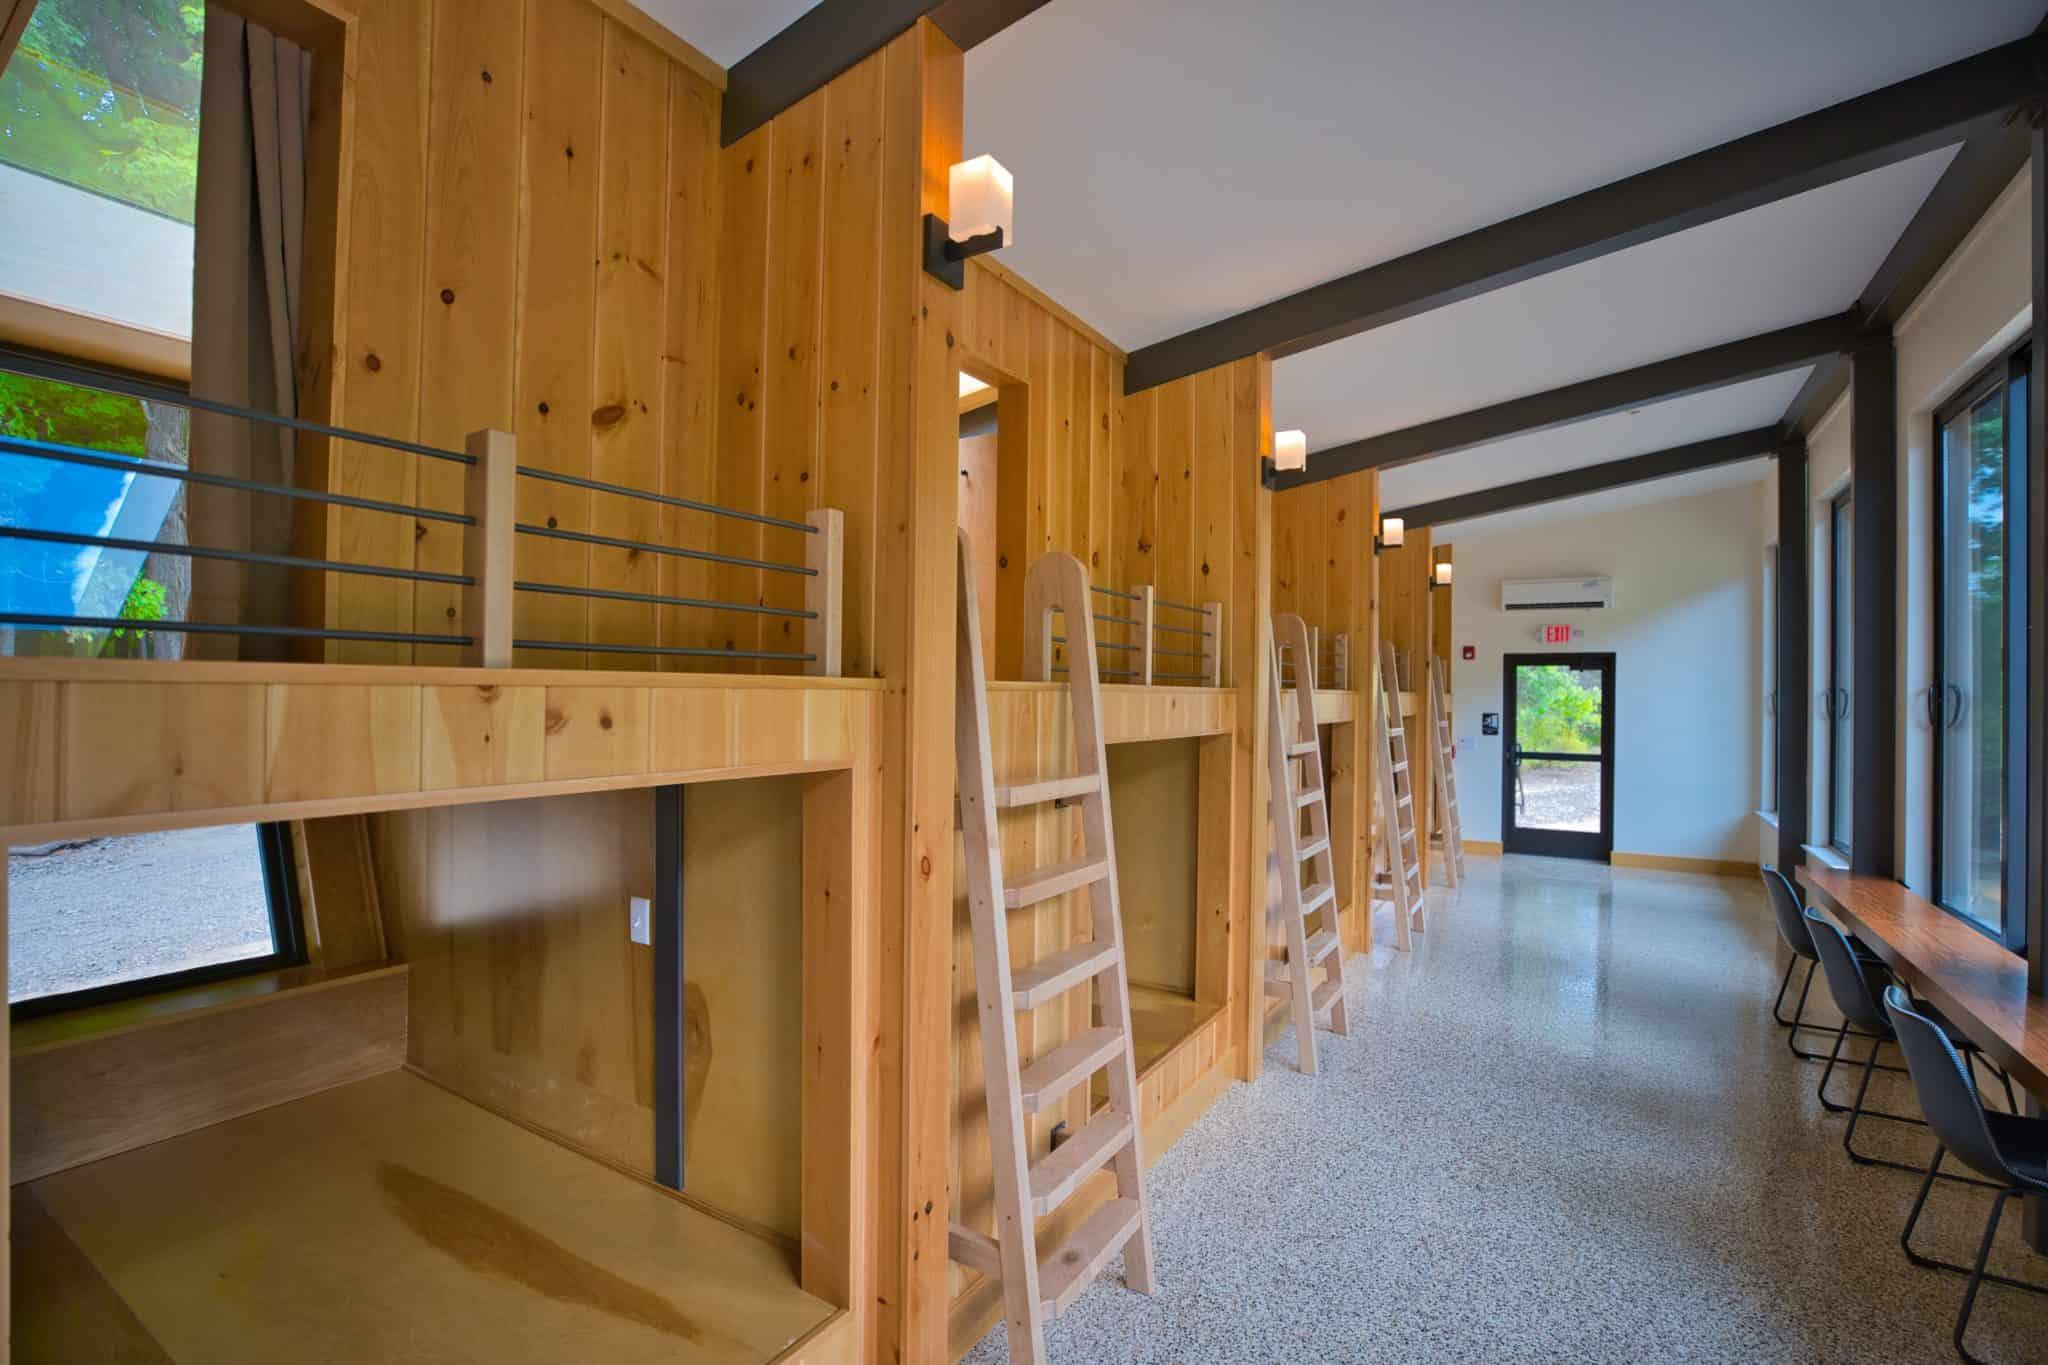 bunk bed wood ladder